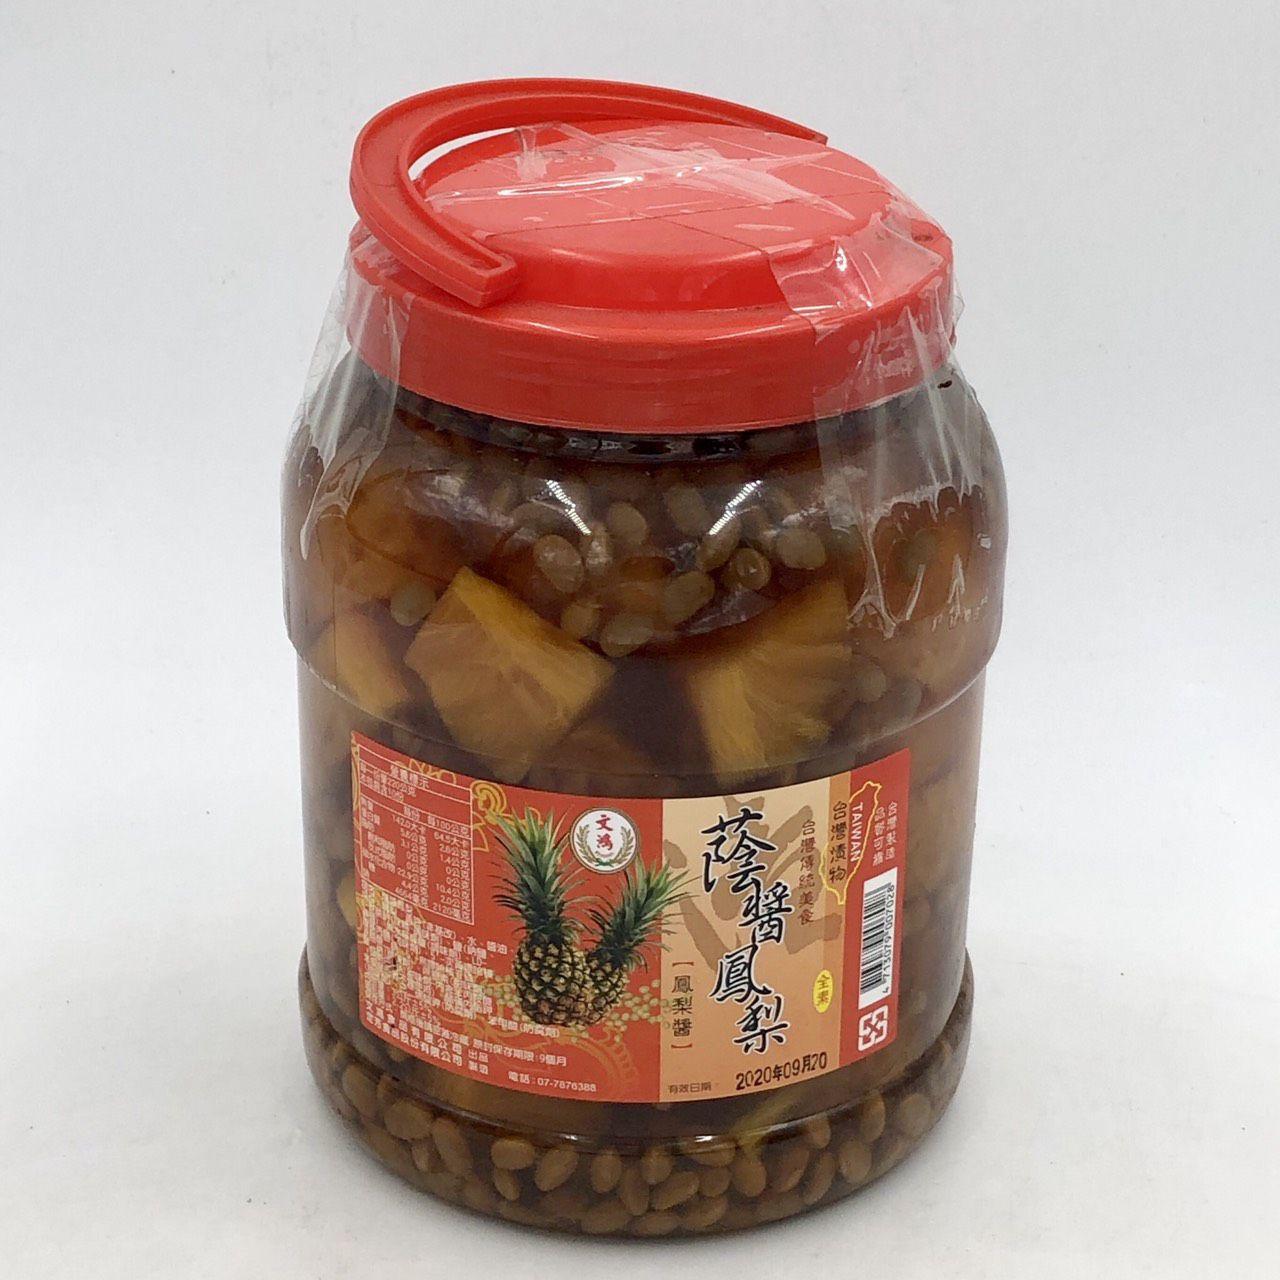 (文鴻)蔭醬鳳梨5斤(全素)